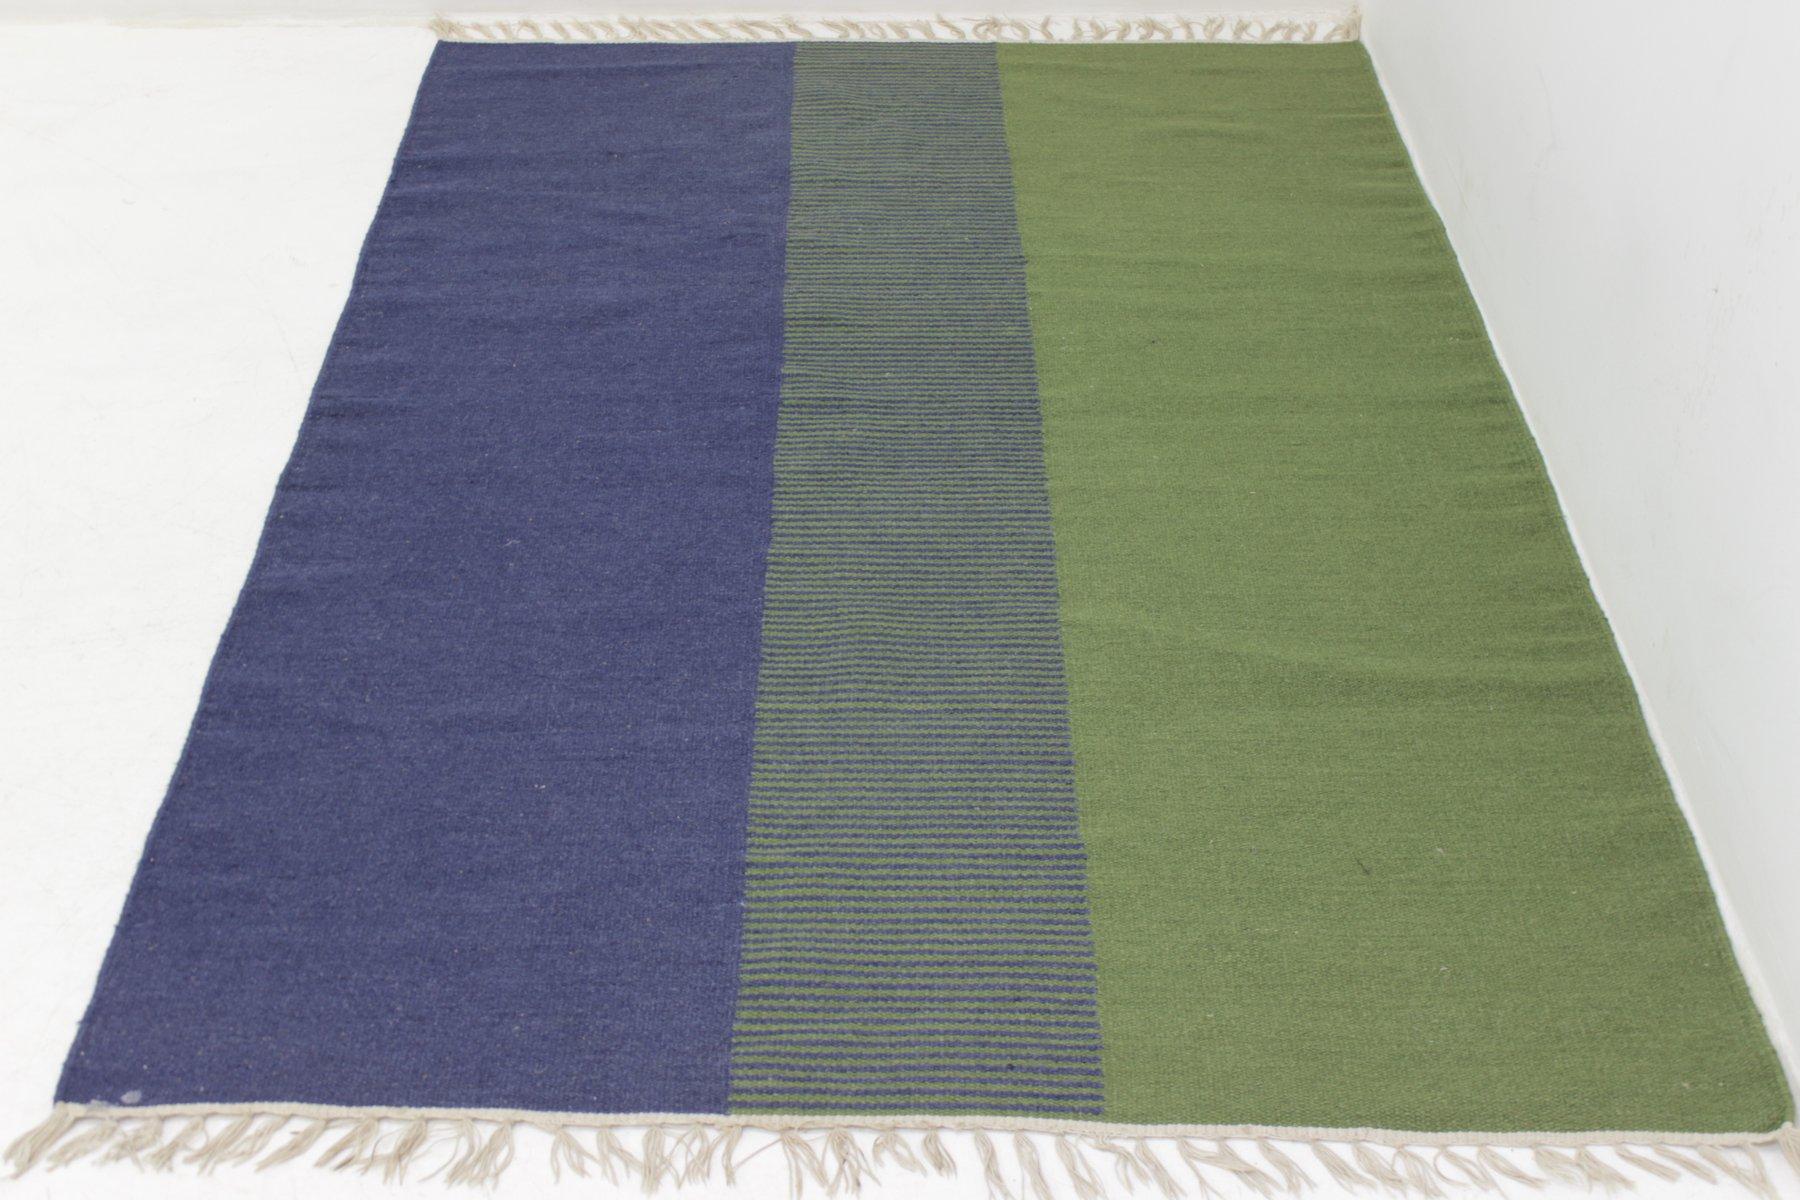 moderner mid century teppich mit geometrischem muster bei pamono kaufen. Black Bedroom Furniture Sets. Home Design Ideas